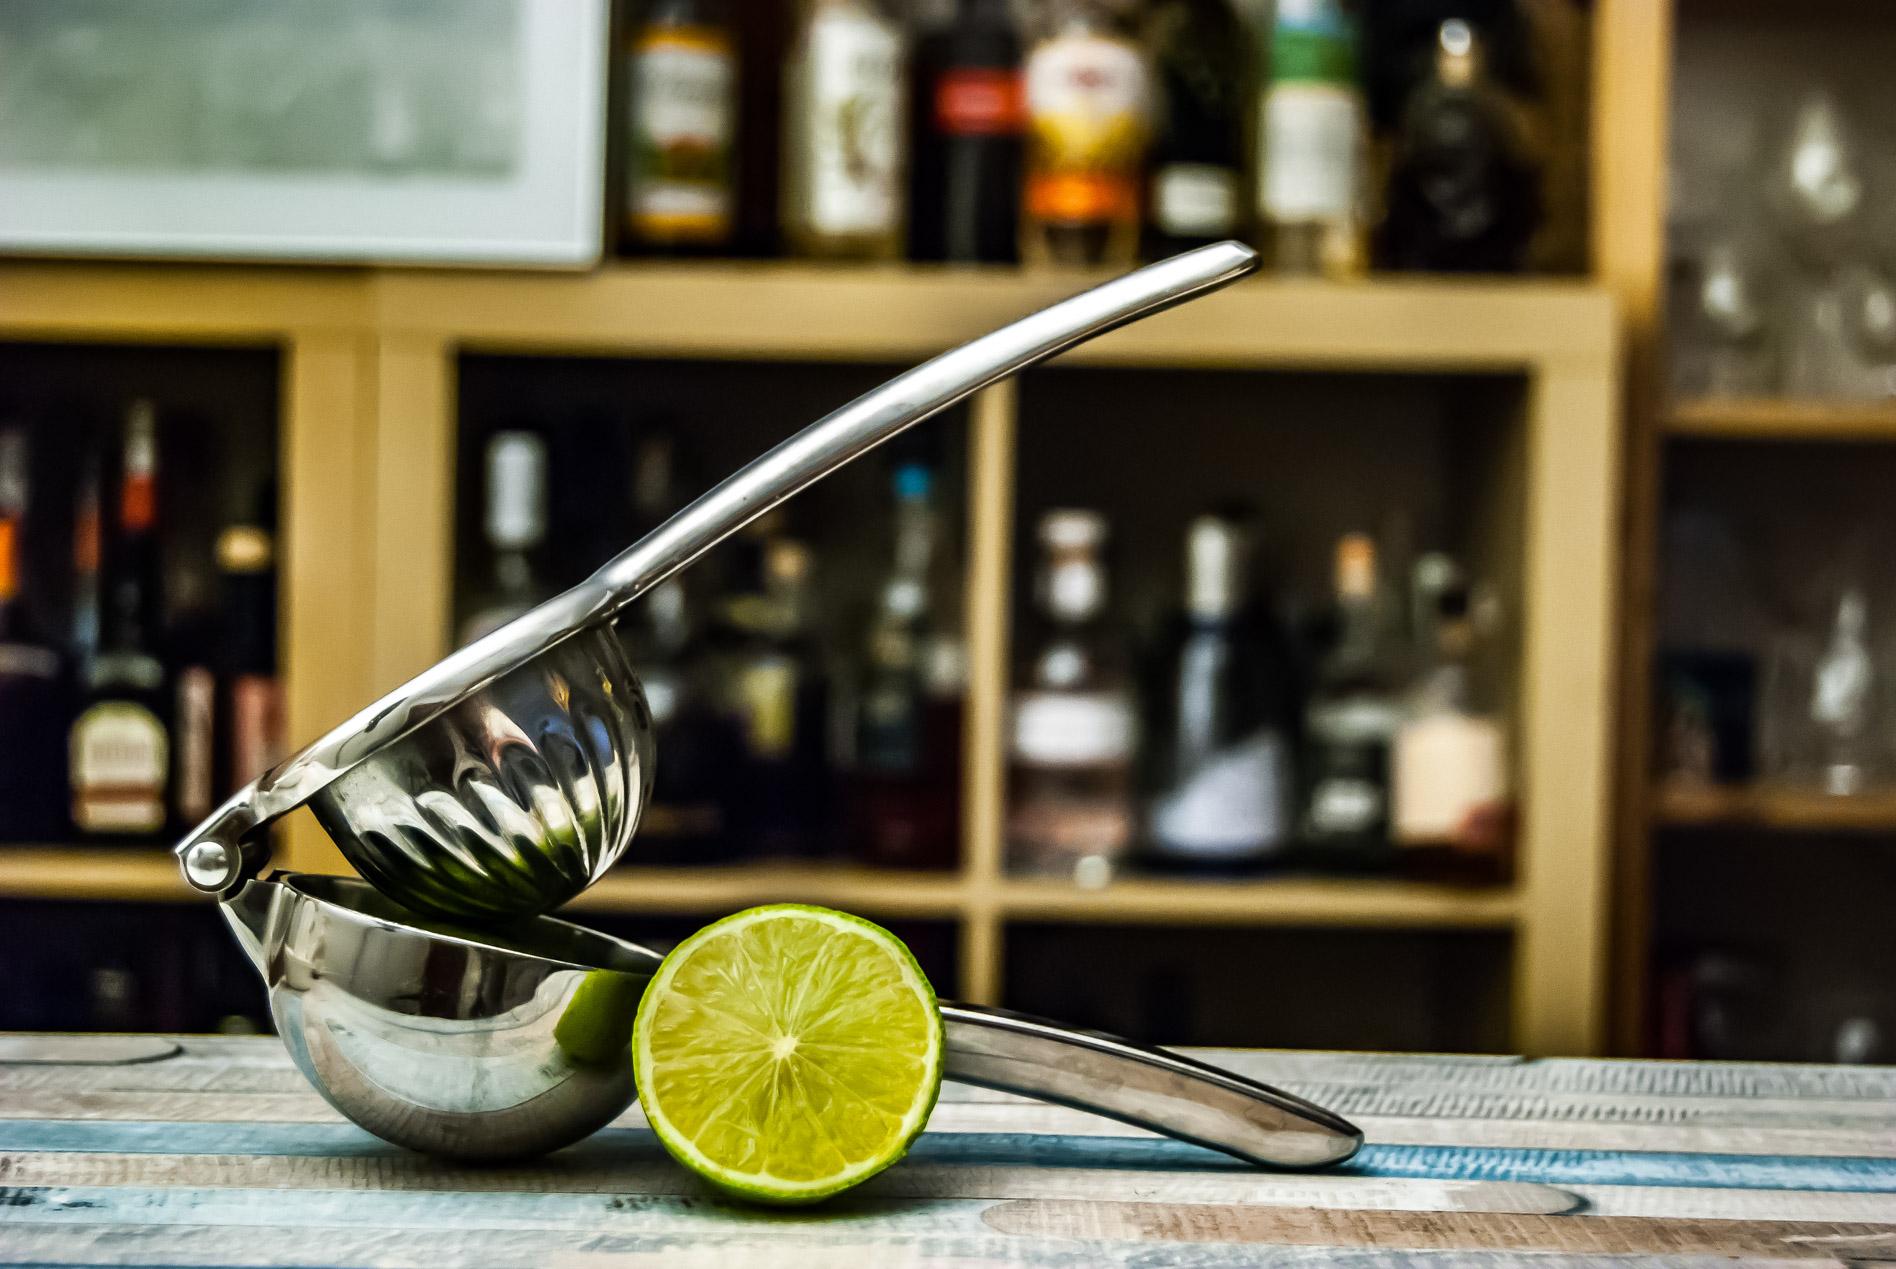 Die Elbow Press holt den besten Saft aus Zitronen und Limetten, aber hat jetzt nicht den höchsten Ertrag.